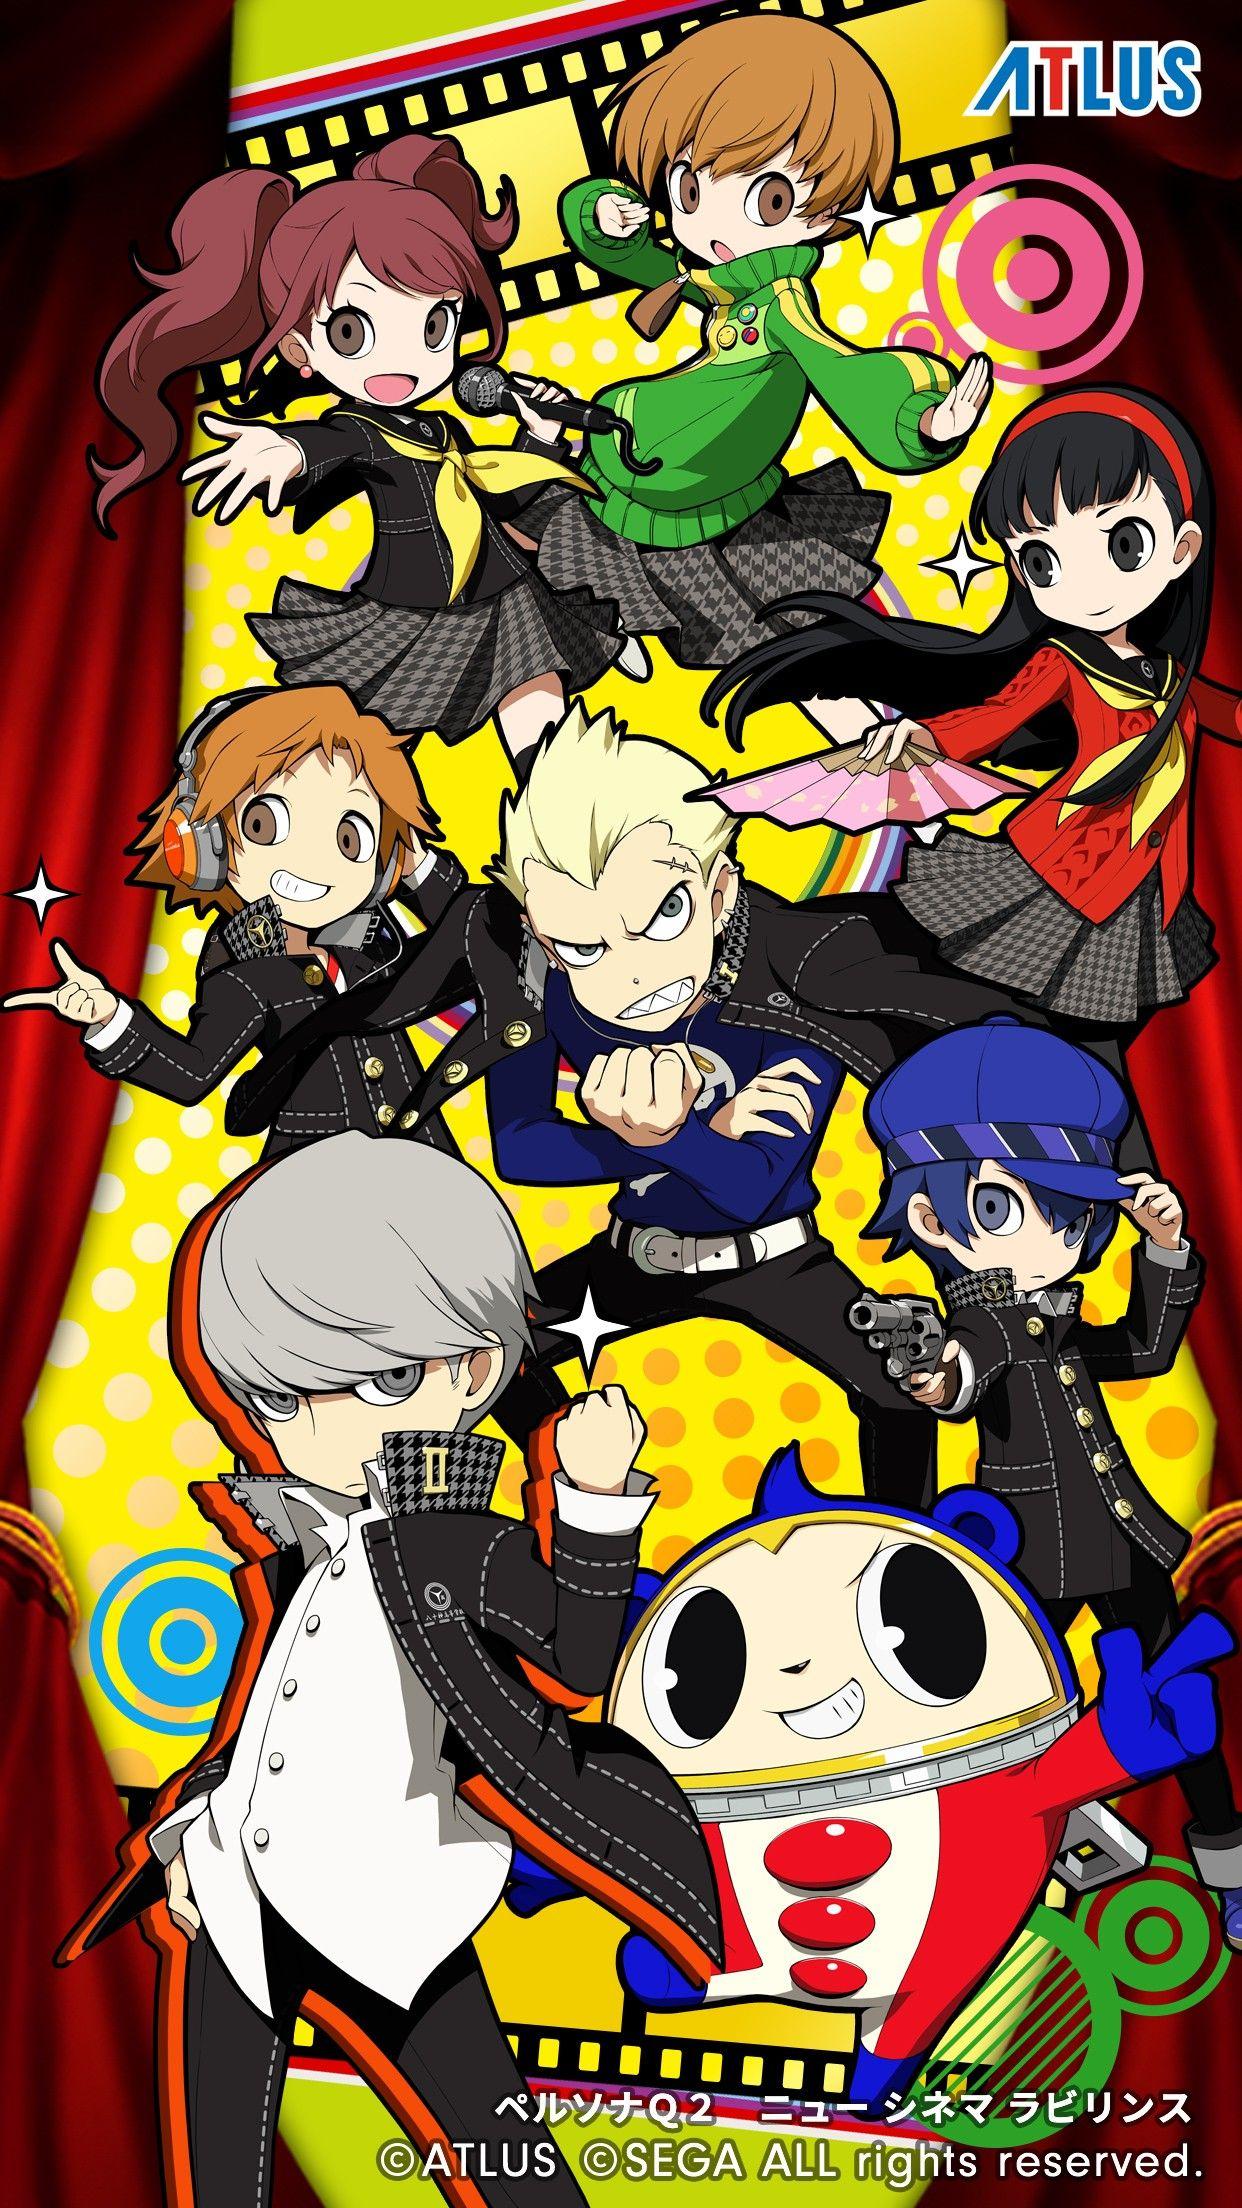 Persona Q2 New Cinema Labryinth Persona 4 Anime Persona Q Persona 4